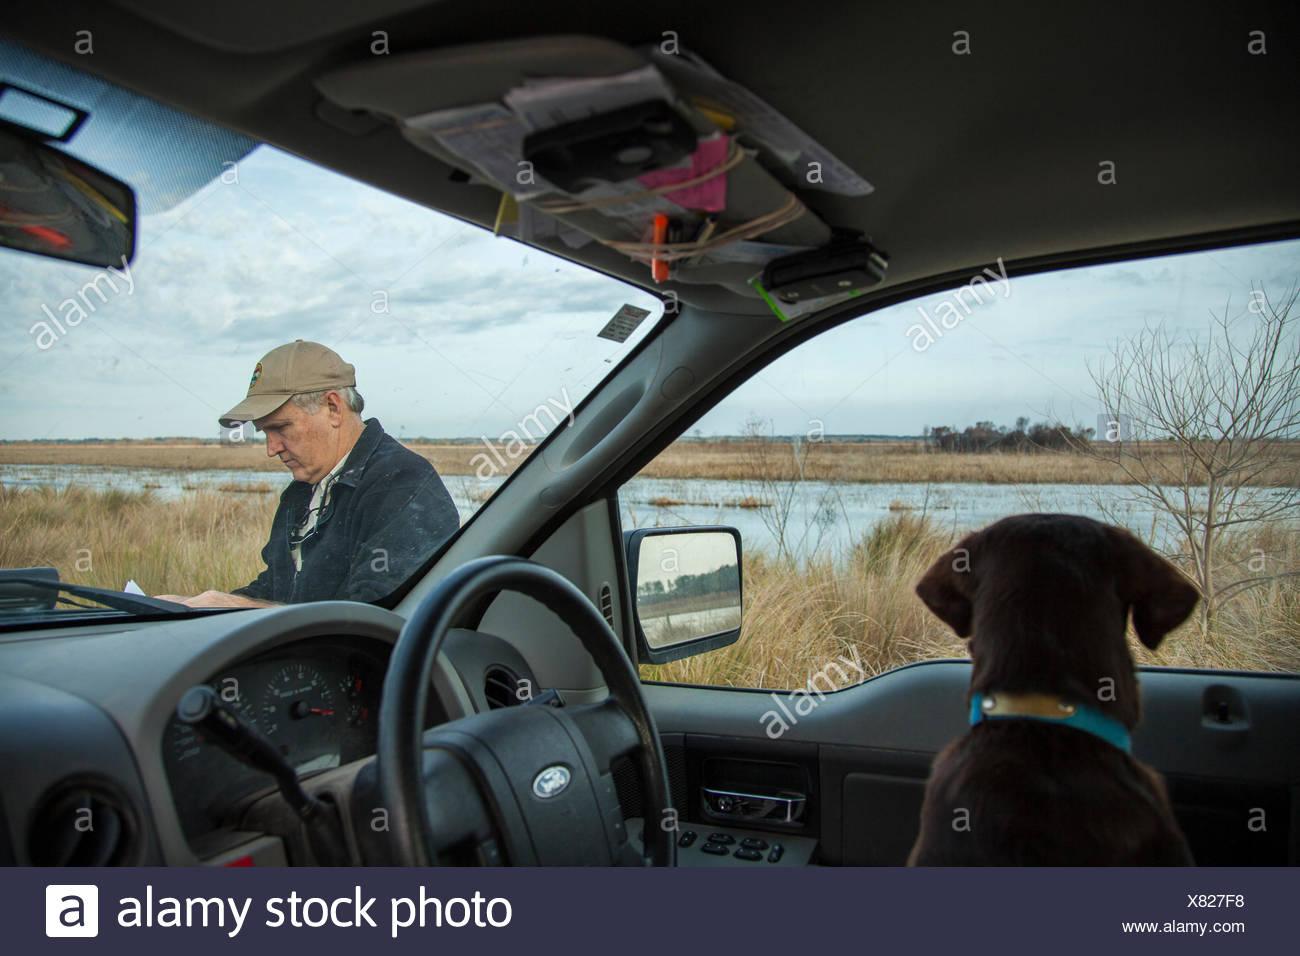 Un labrador retriever relojes un funcionario del Departamento de Recursos Naturales en el área de Manejo de Vida Silvestre Isla oso. Imagen De Stock